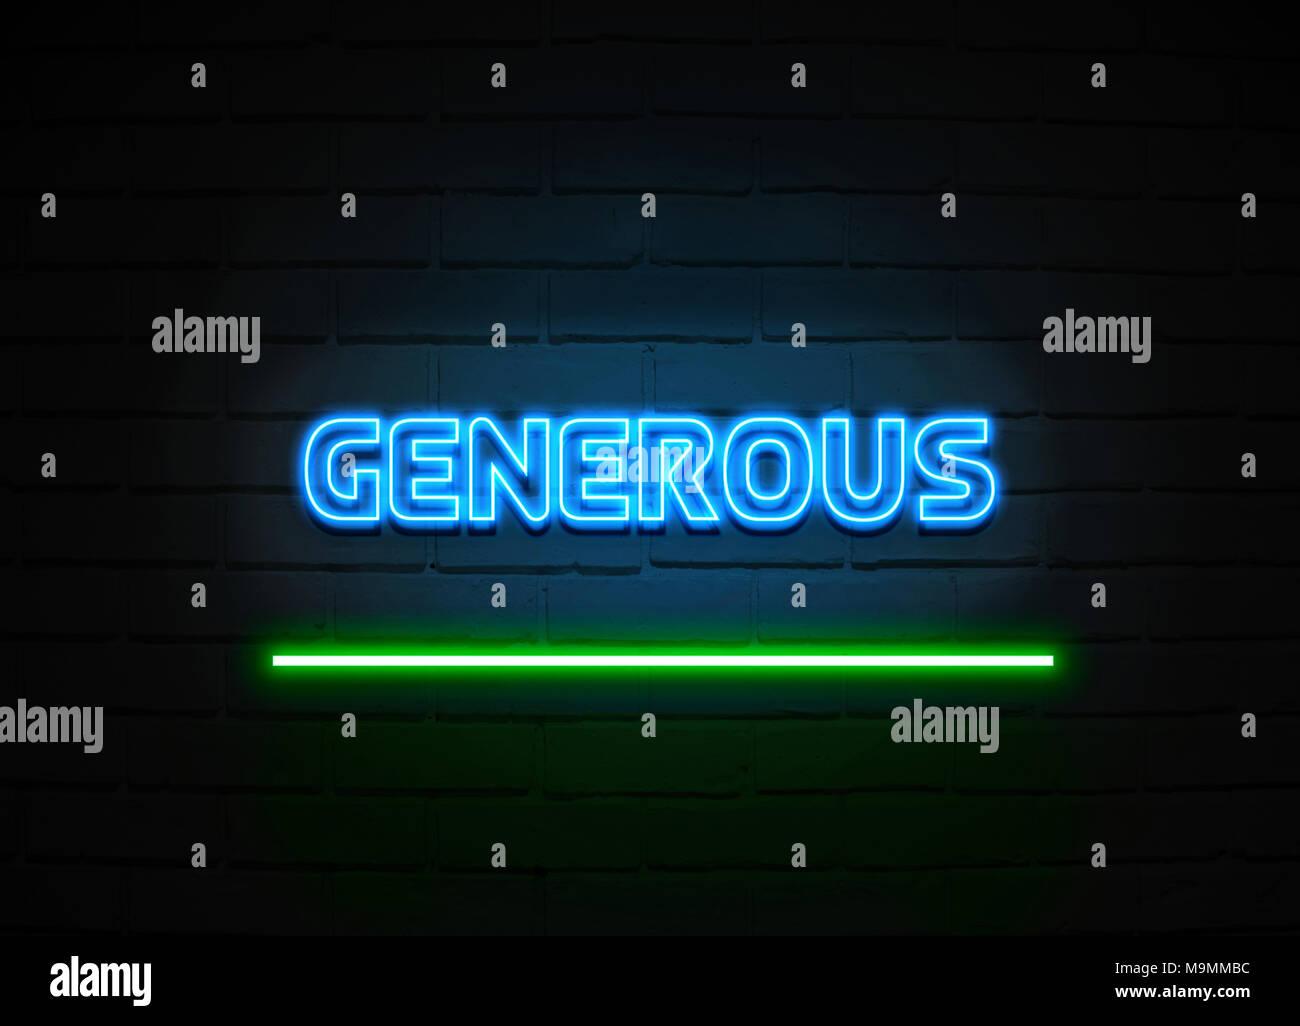 Enseigne au néon généreux - Glowing Neon Sign sur mur brickwall - rendu 3D illustration libres de droits. Photo Stock